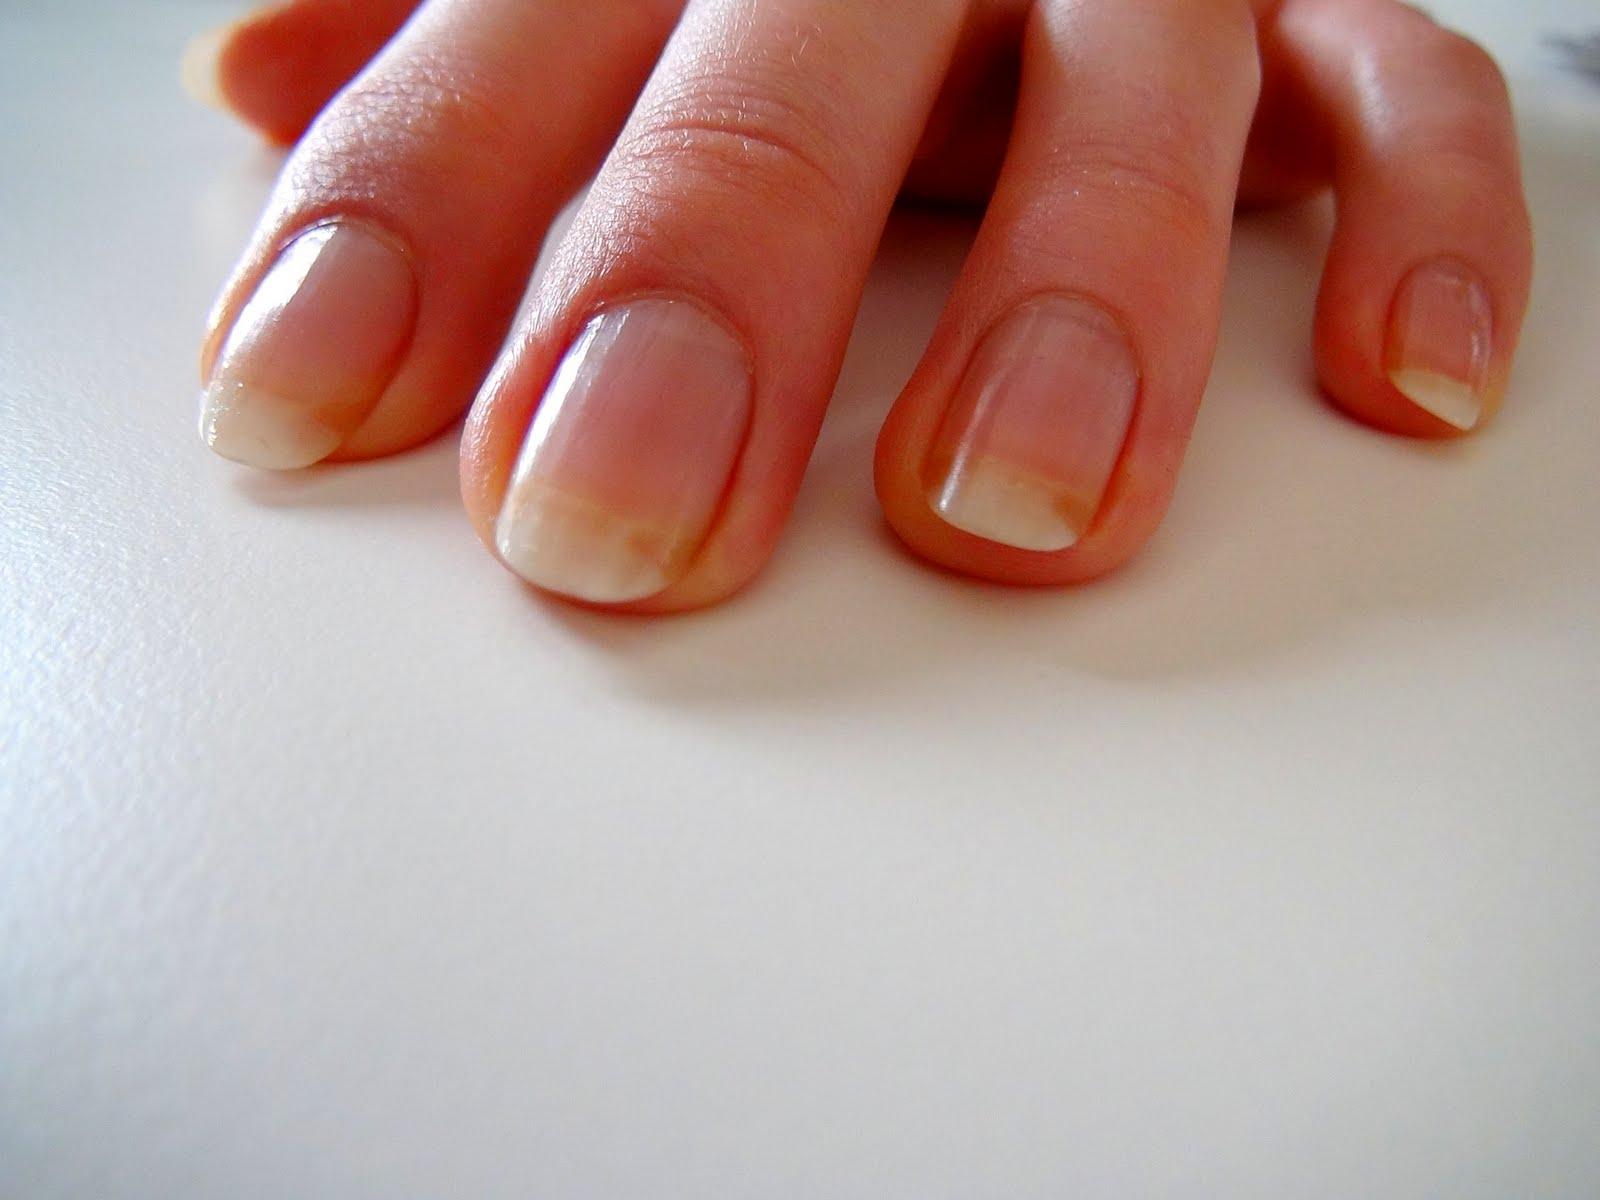 Ярко желтые пятна на ногтях рук